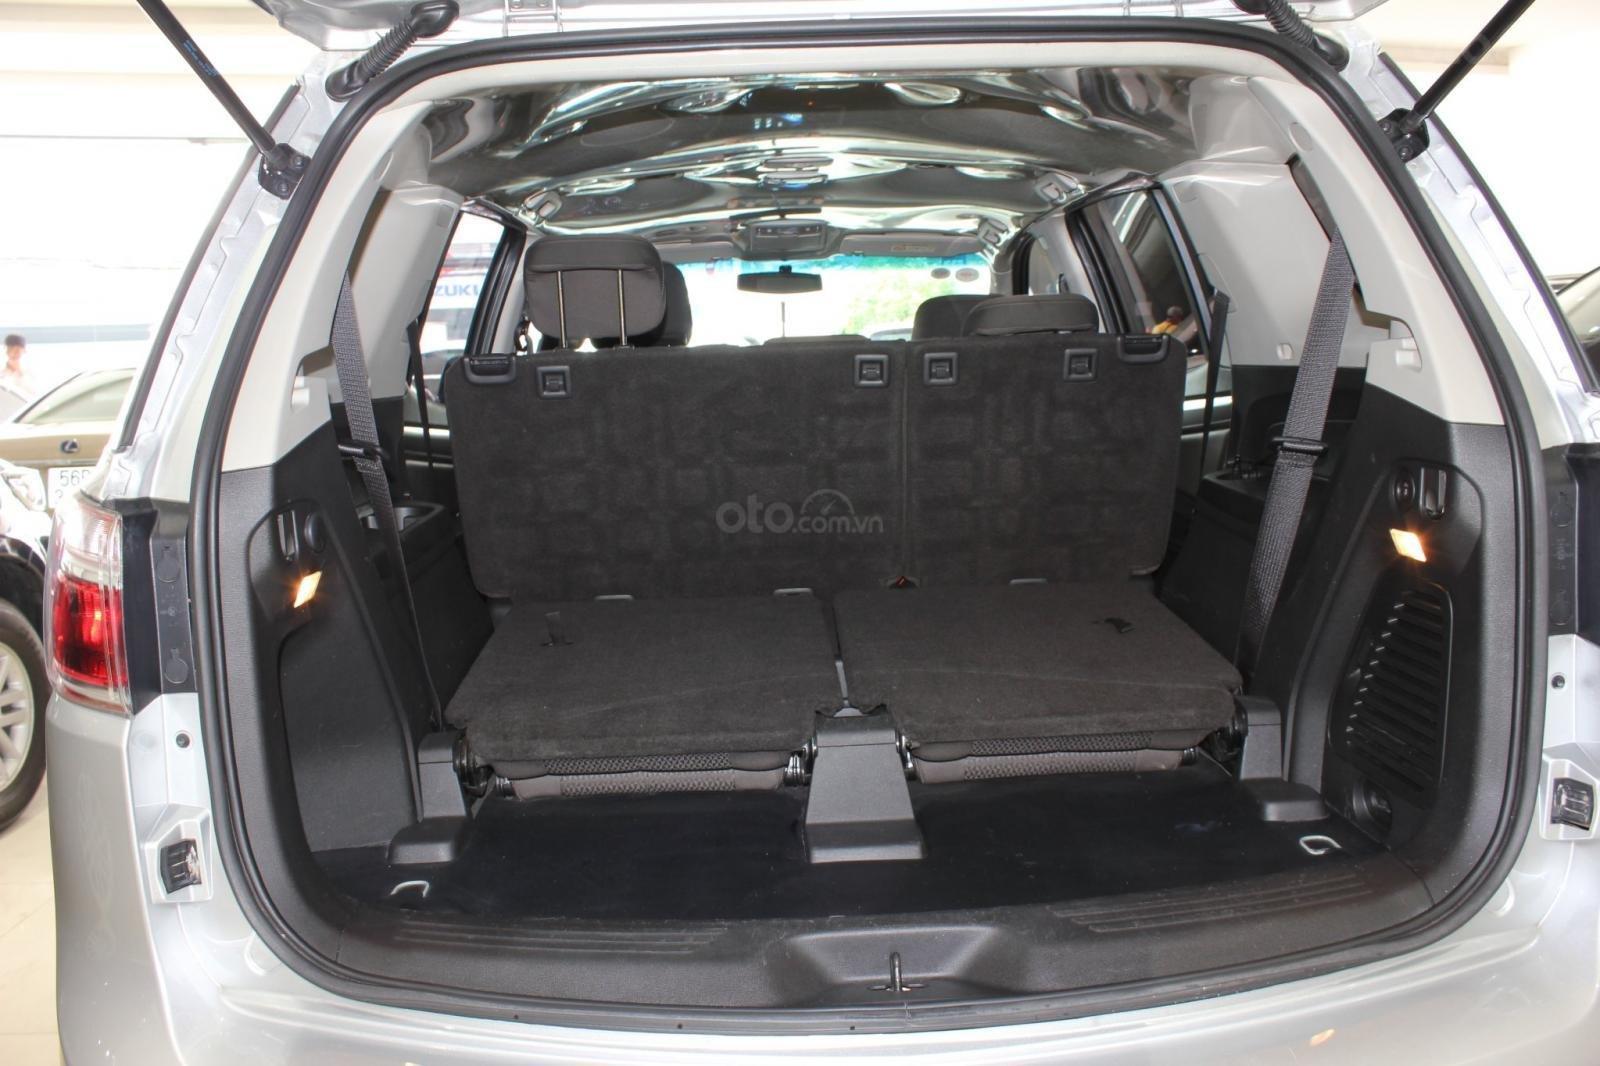 Cần bán xe Chevrolet TrailblazerLT 2.5AT 2018, máy dầu, xe nhập nguyên chiếc Thái Lan, giá thương lượng (11)